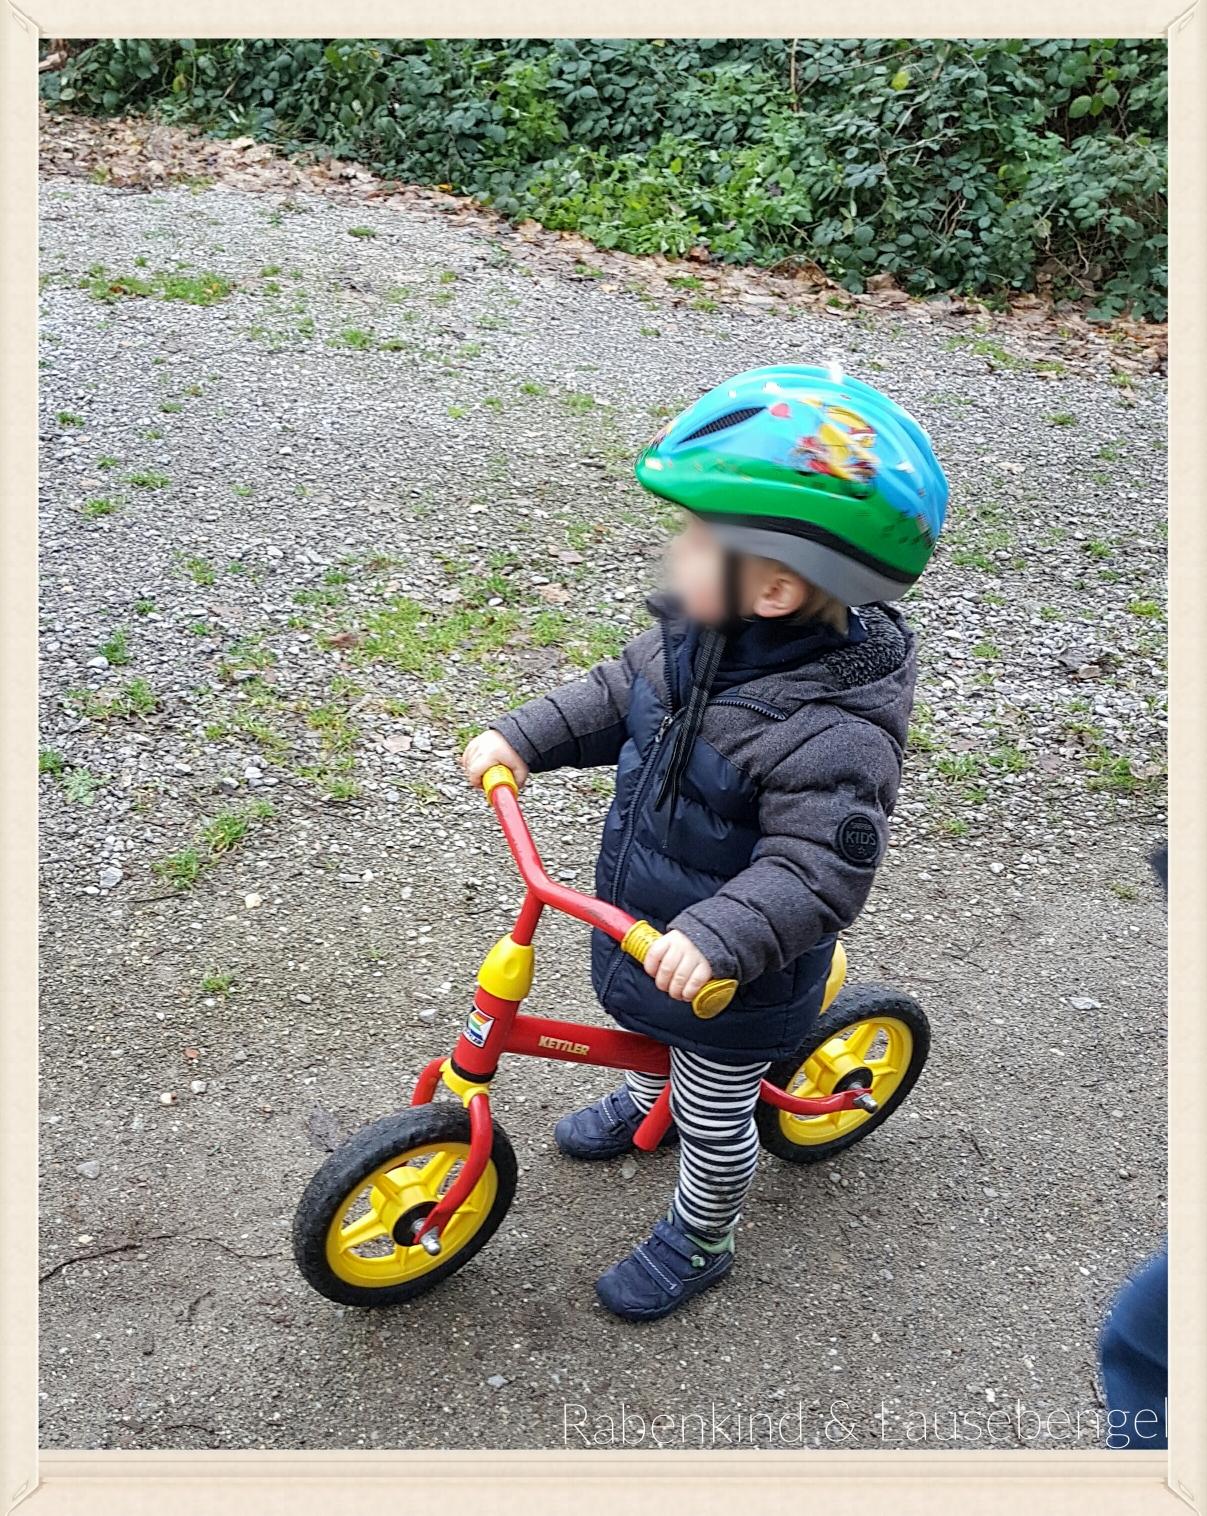 Der Lausebengel das erste mal mit seinem großen Laufrad unterwegs im Wald...